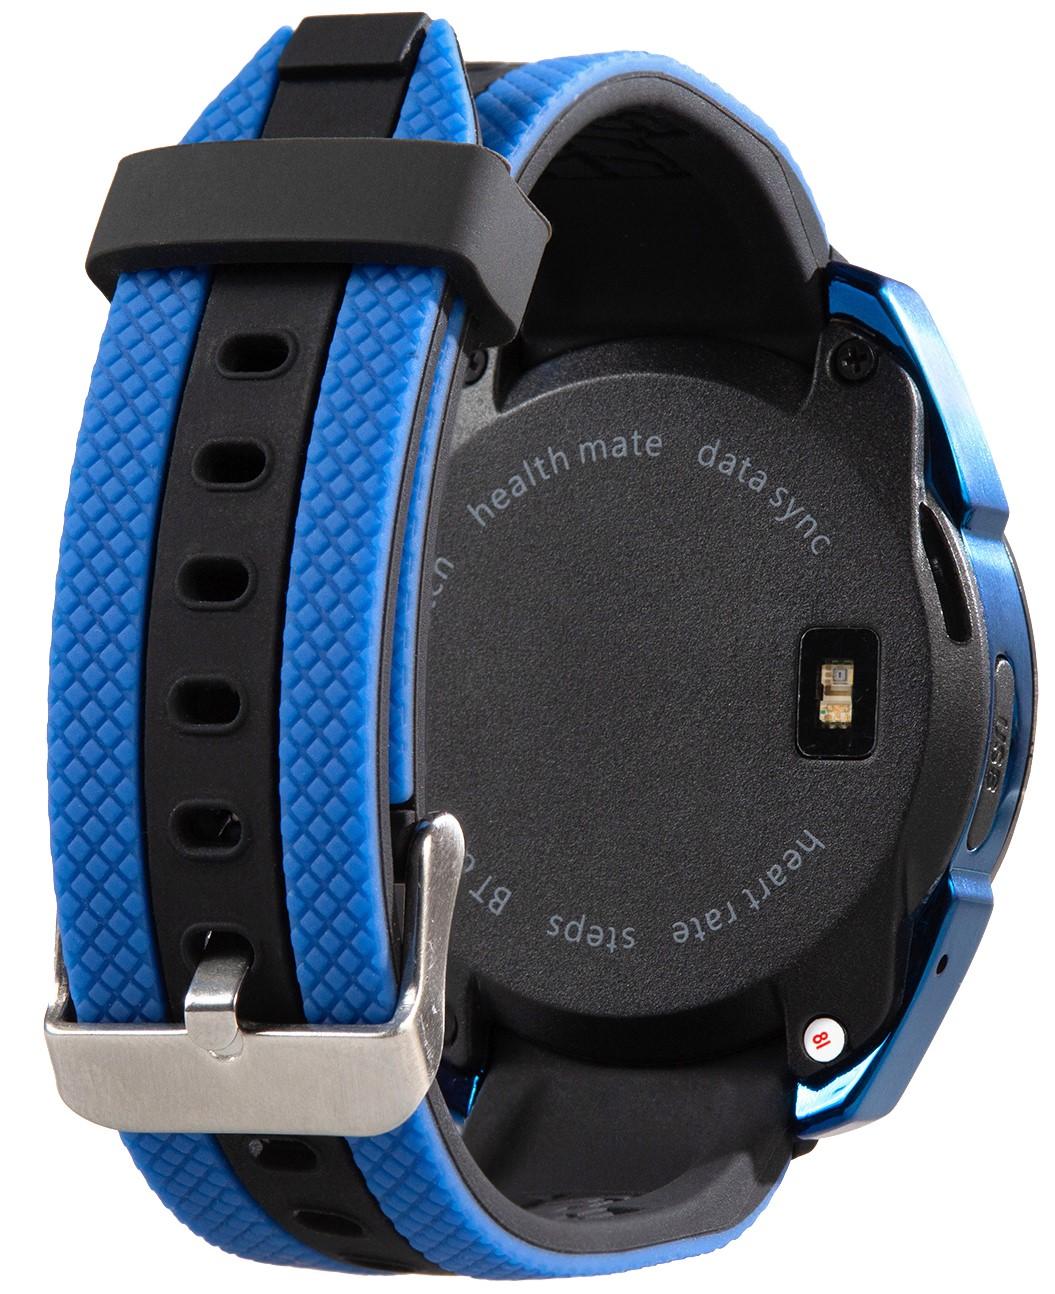 Умные часы Prolike Jet PLSW7000BL с цветным дисплеем, синие